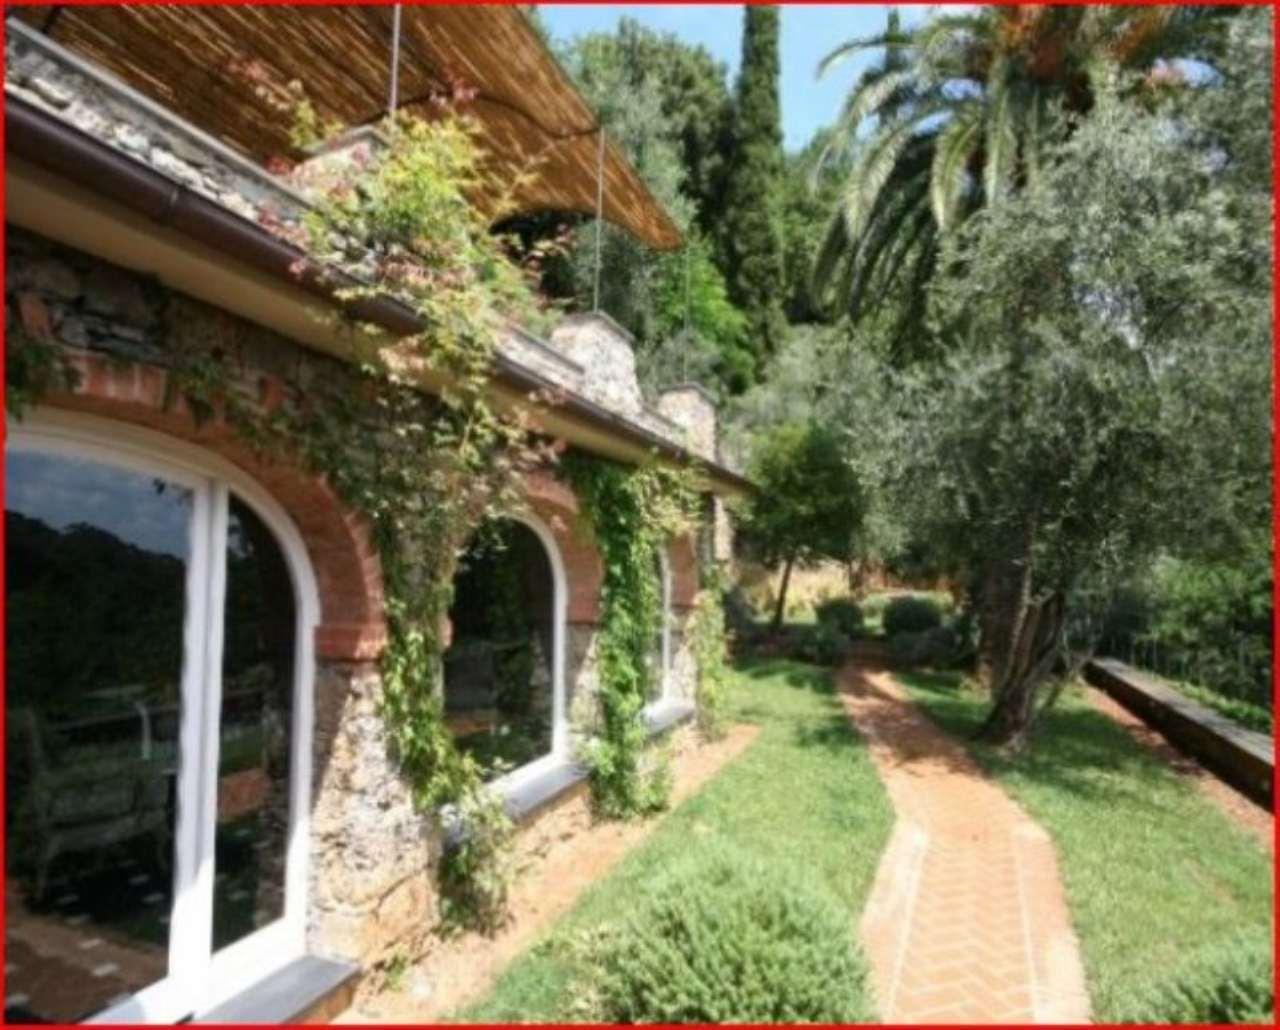 Villa in vendita a Santa Margherita Ligure, 9999 locali, prezzo € 22.000.000 | Cambio Casa.it